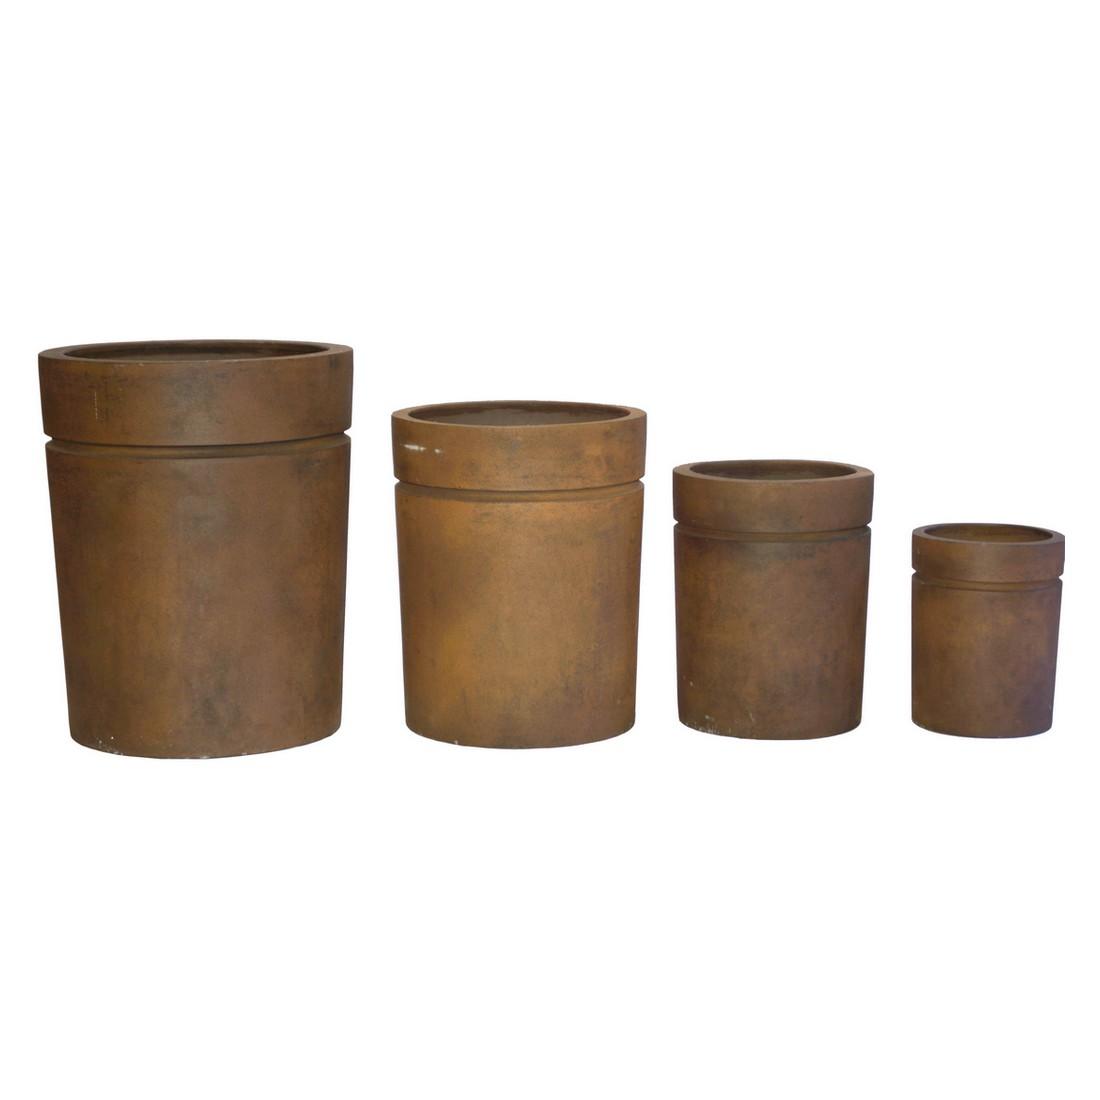 Pflanzkübel Rusty Iron – Kunststoff – Desgin Eckig – Höhe: 62 cm Ø: 50 cm (einzeln), Viducci's Garden günstig bestellen